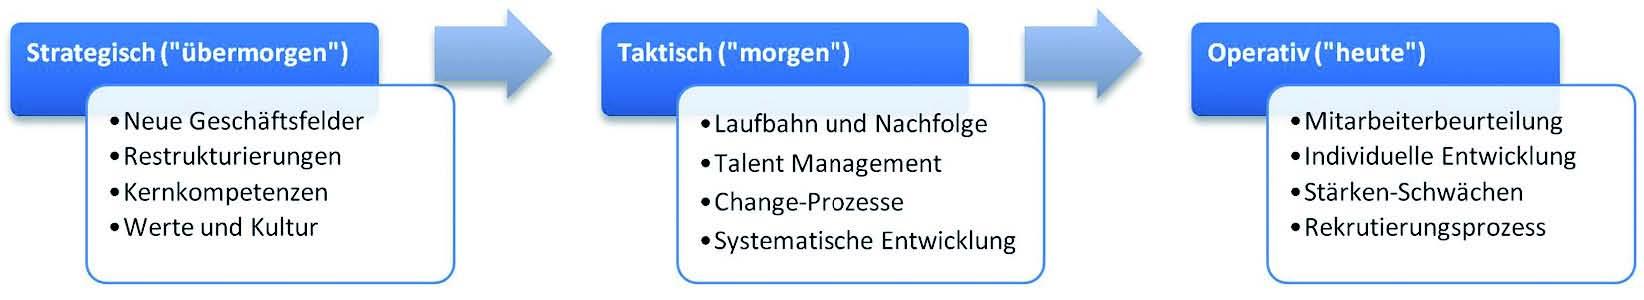 Kompetenz-Management als Kernprozess